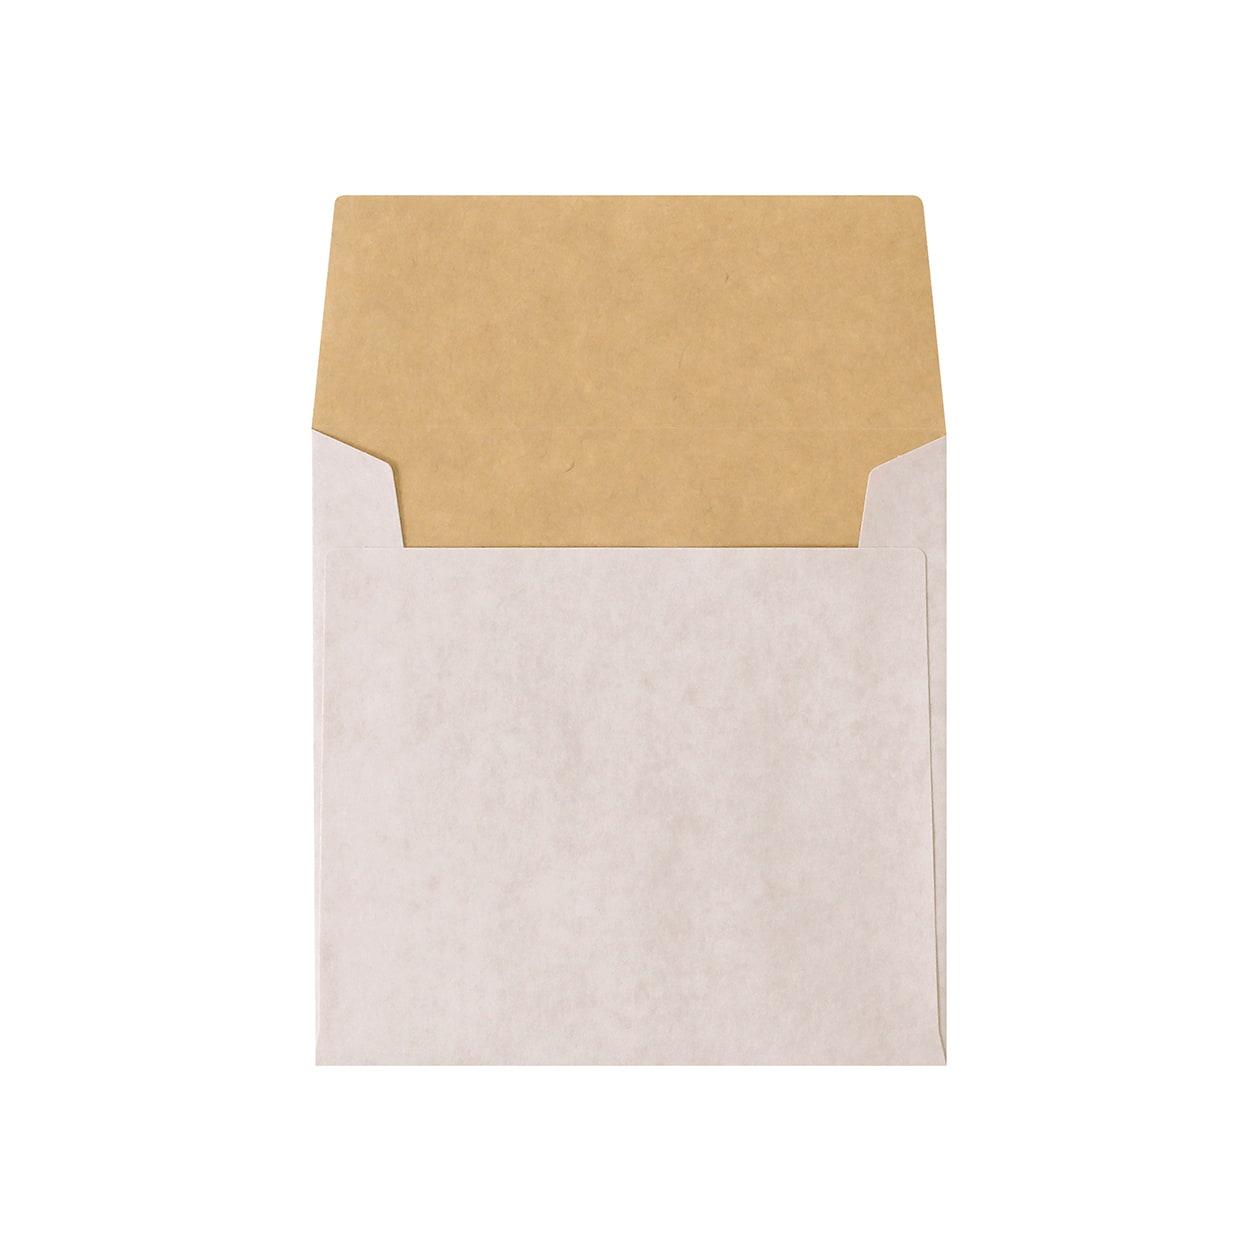 サンプル 封筒・袋 00103